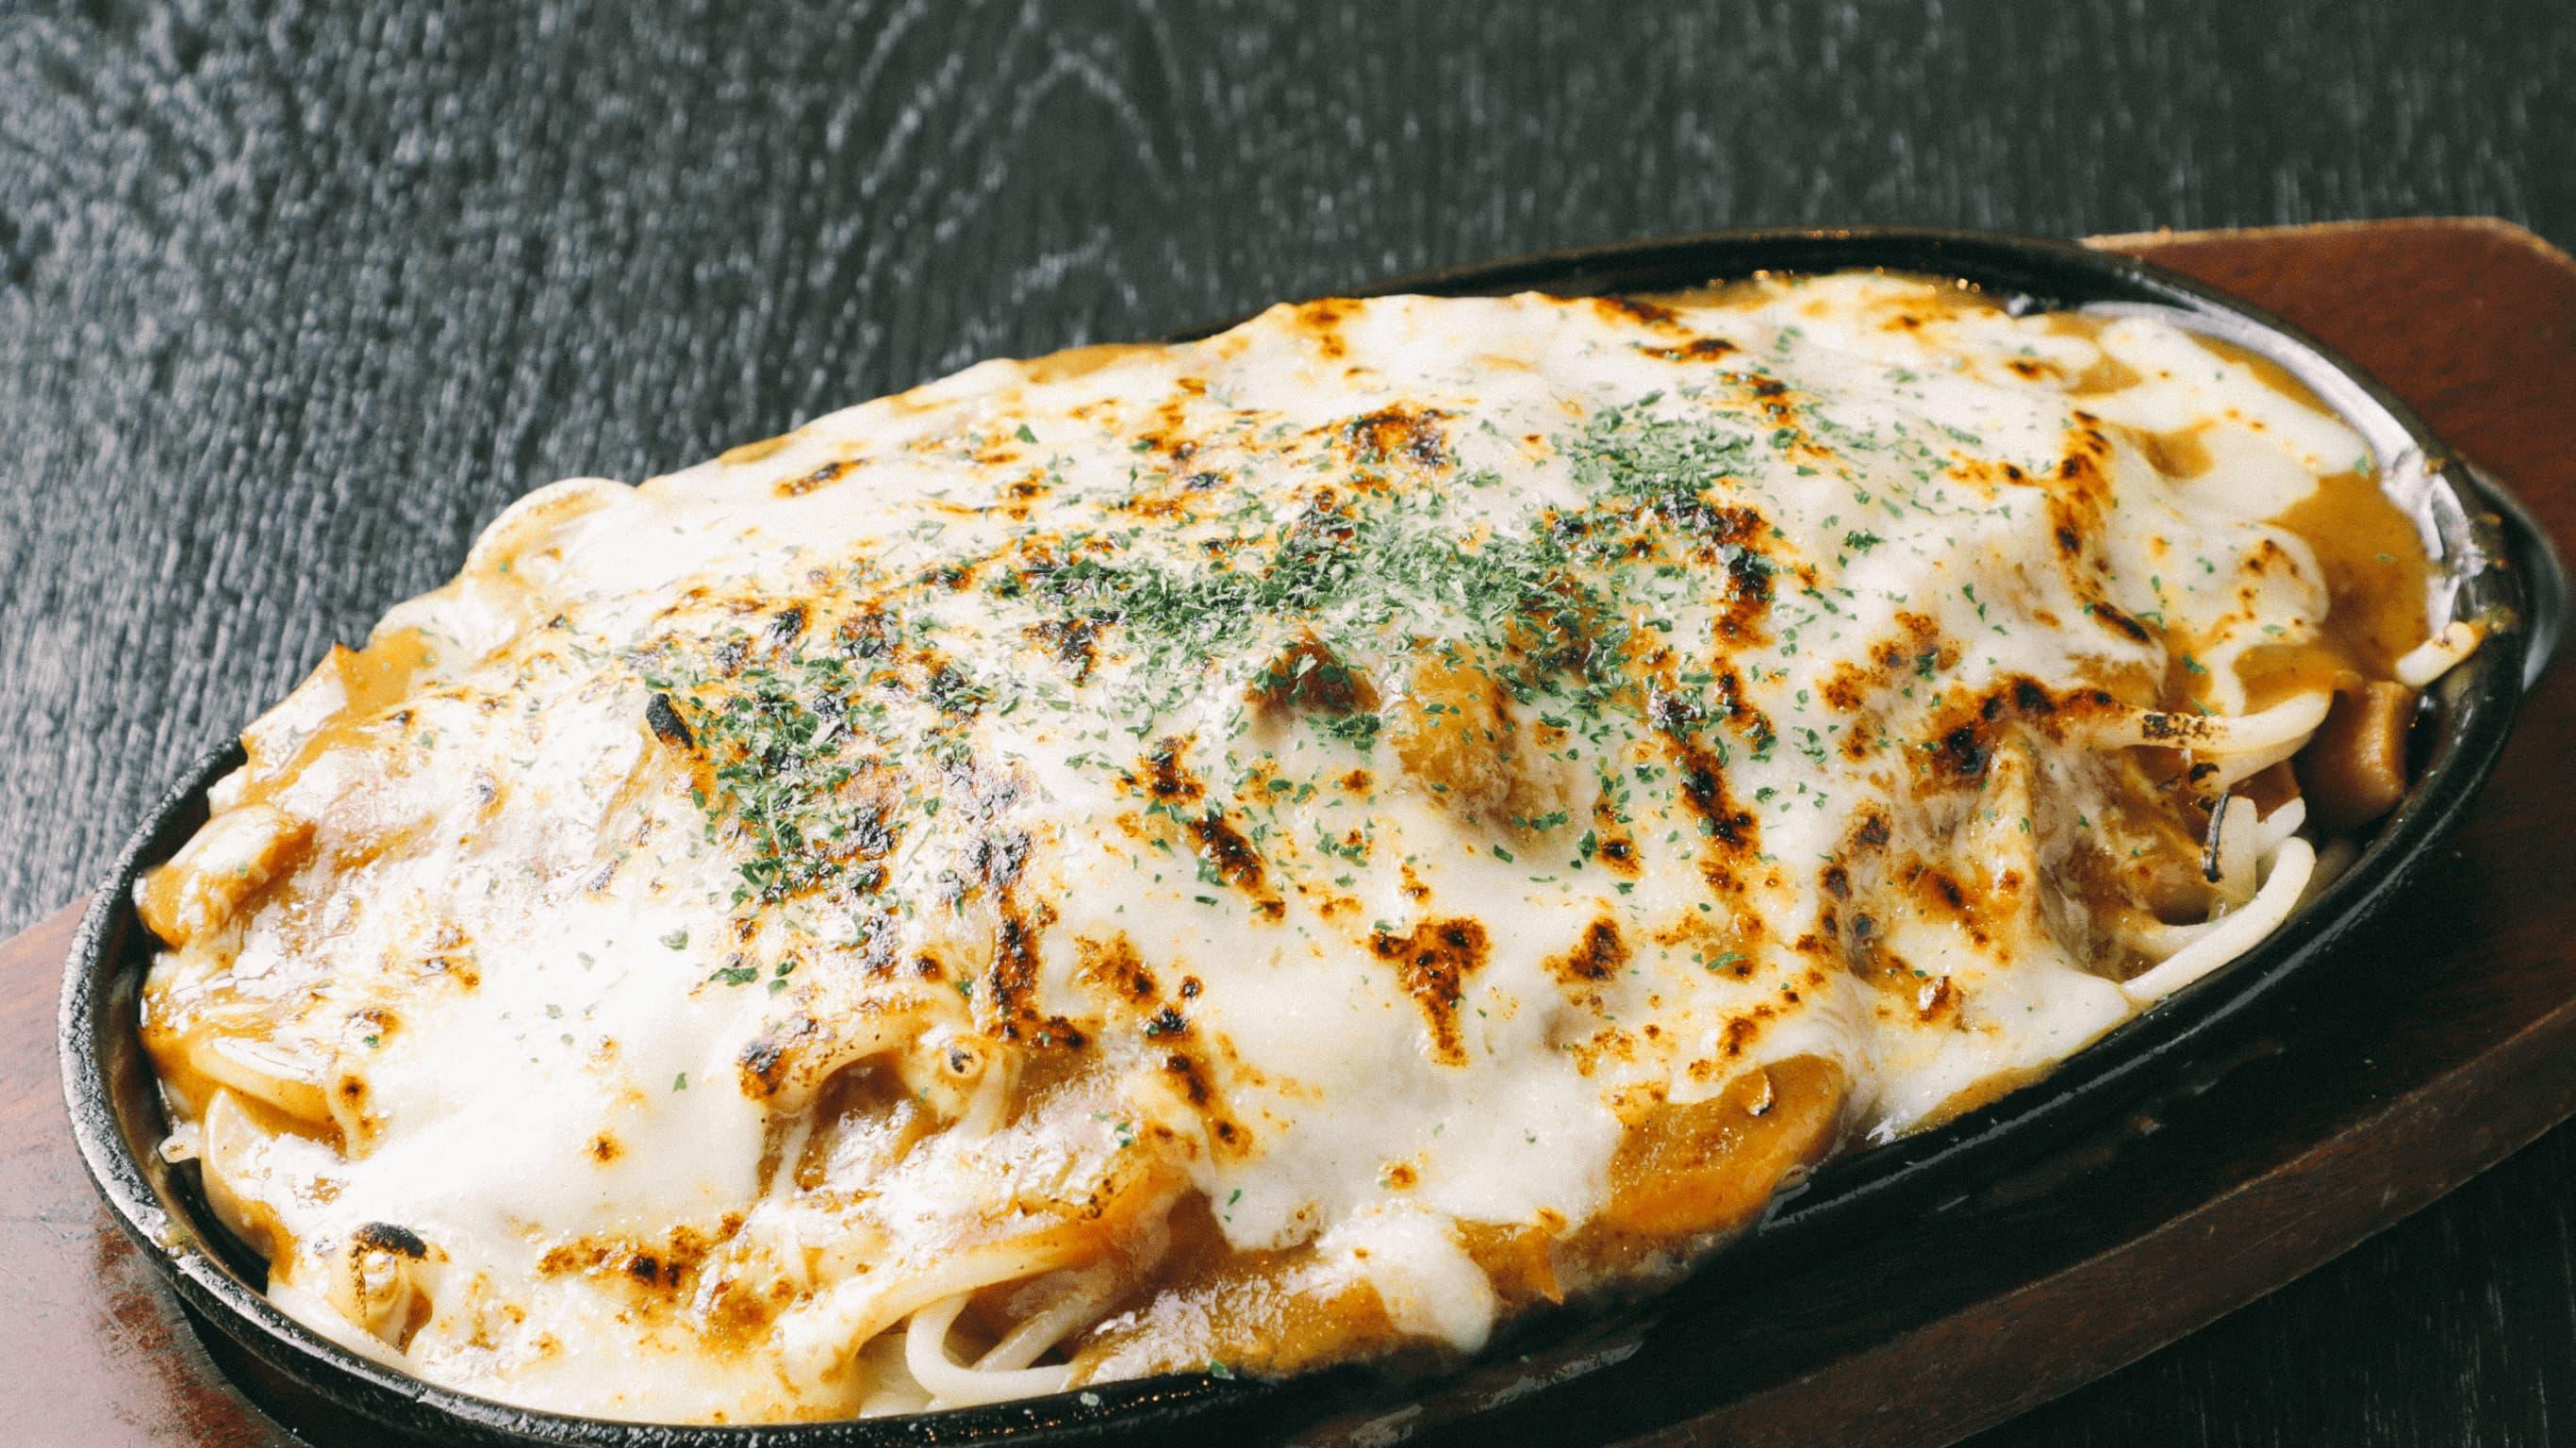 飯田橋名物!焼きチーズカレースパゲティ